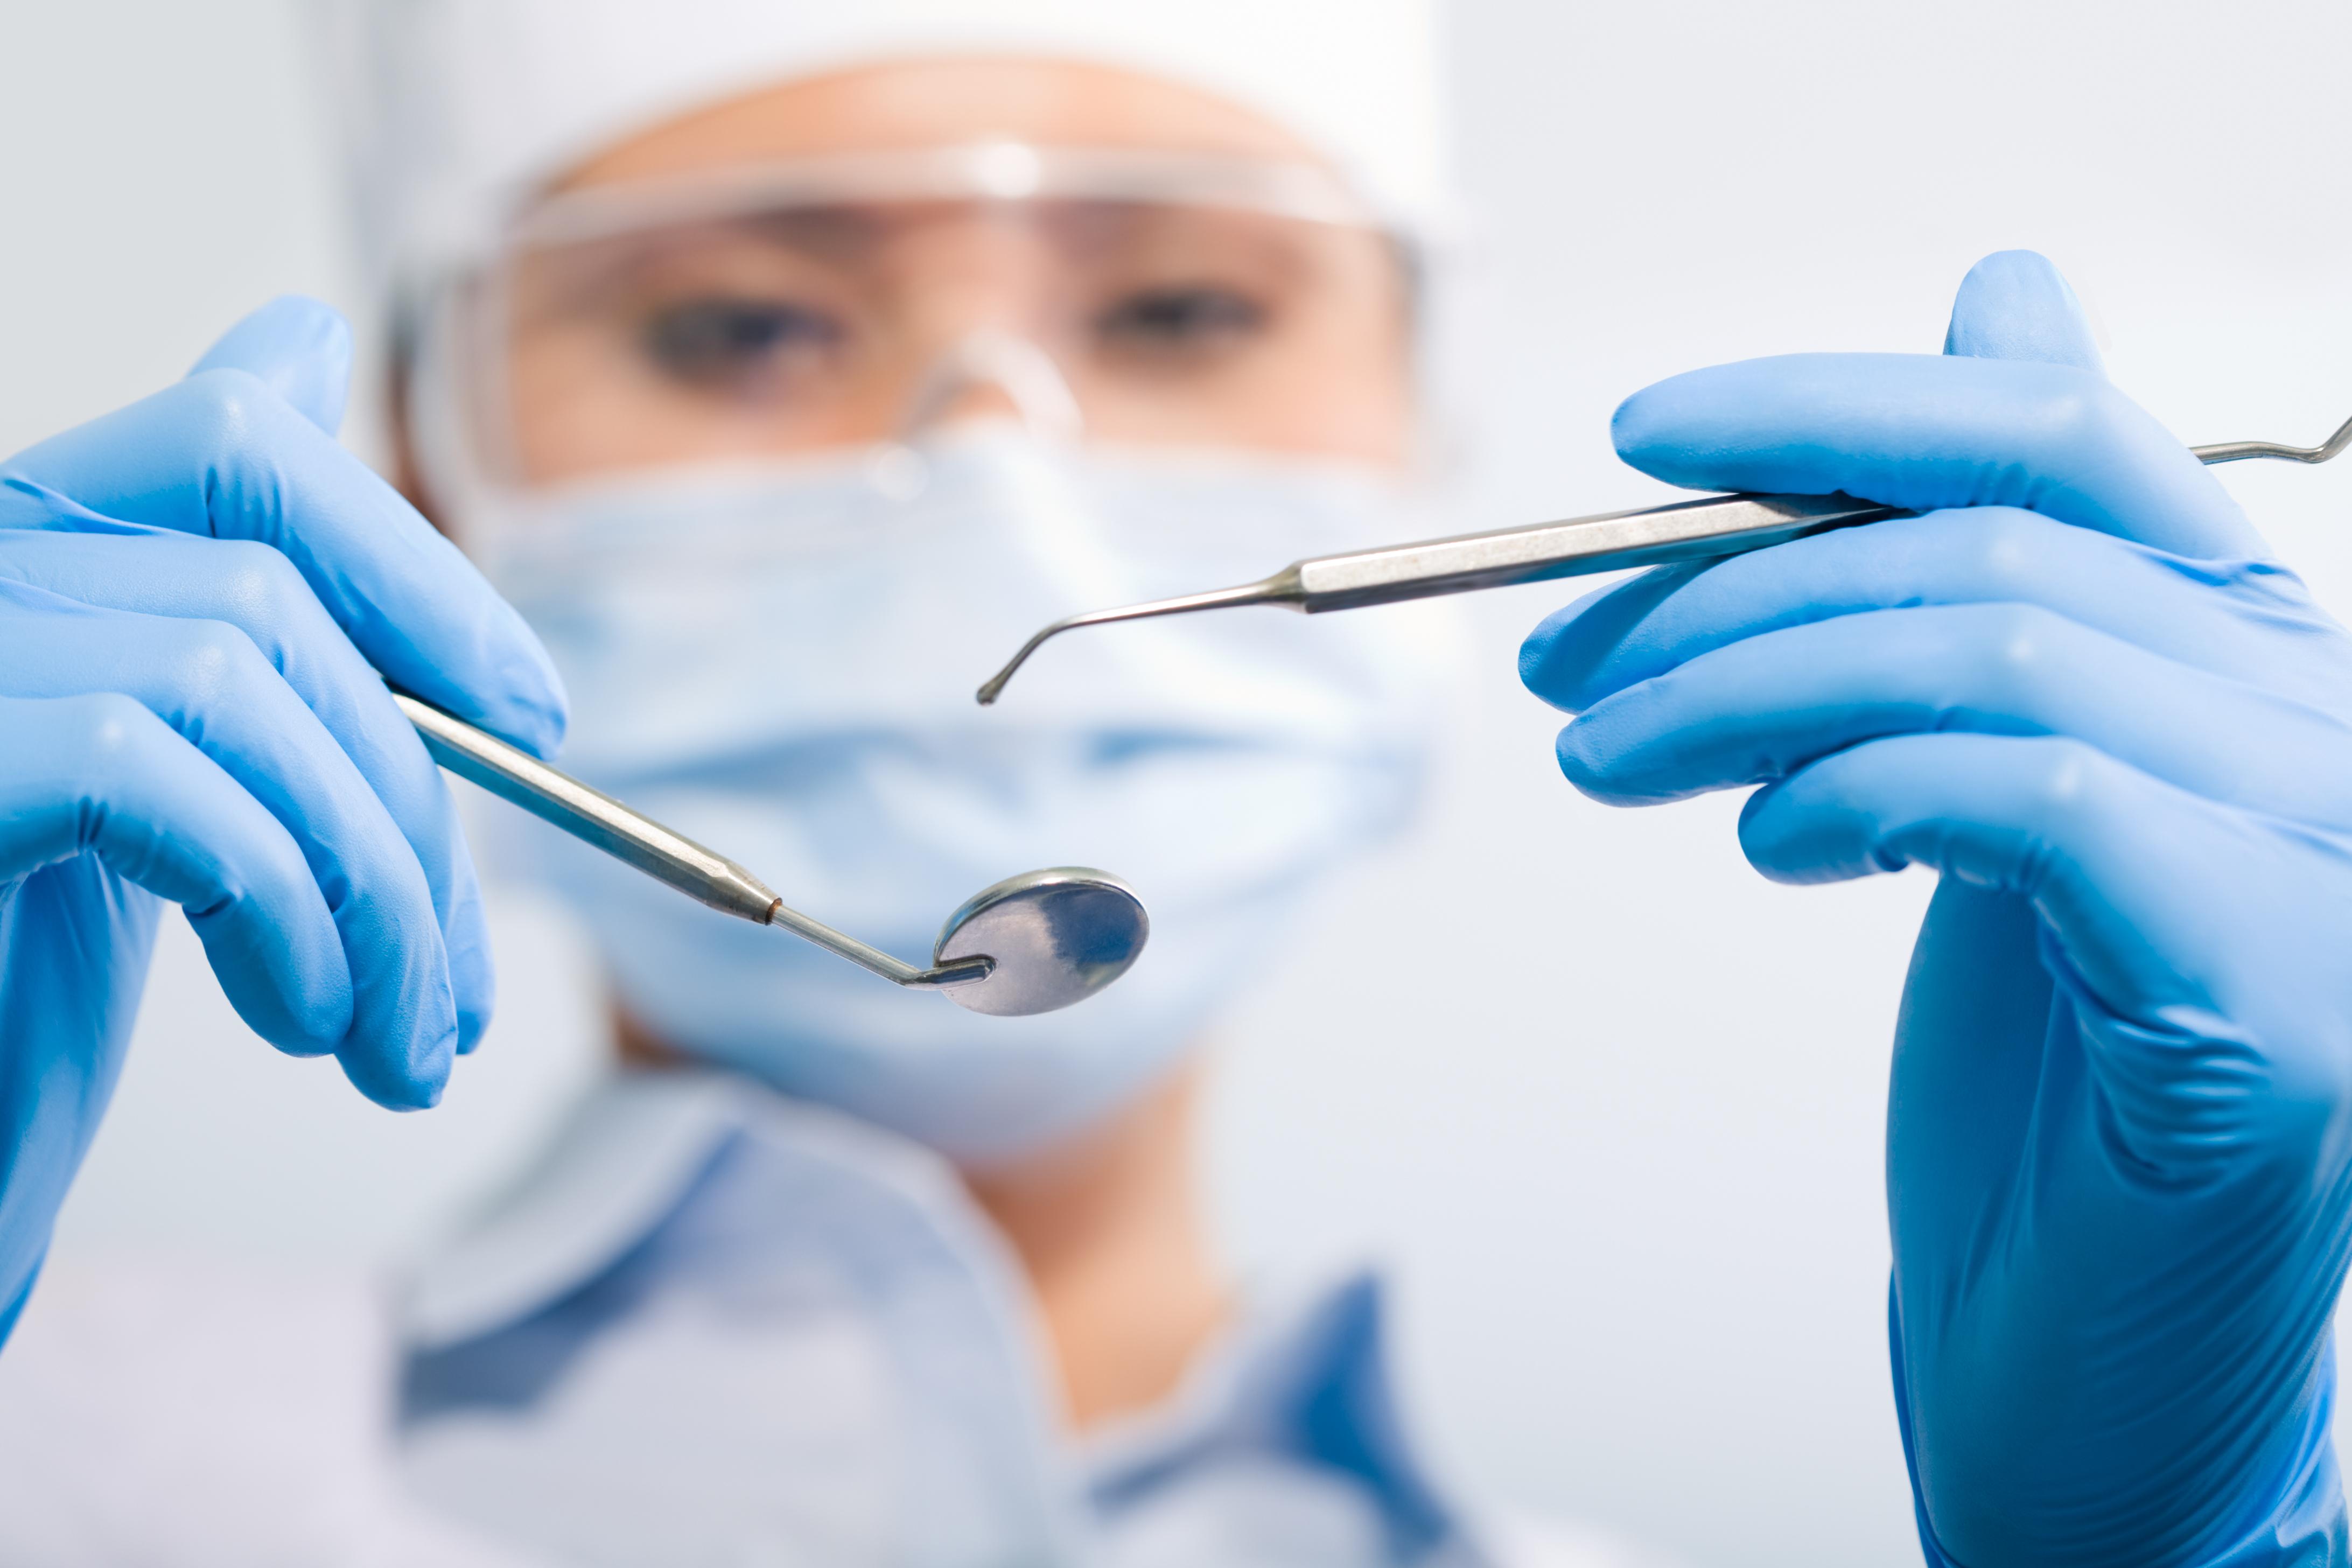 Tandläkare möter en mycket stor del av den svenska befolkningen regelbundet.